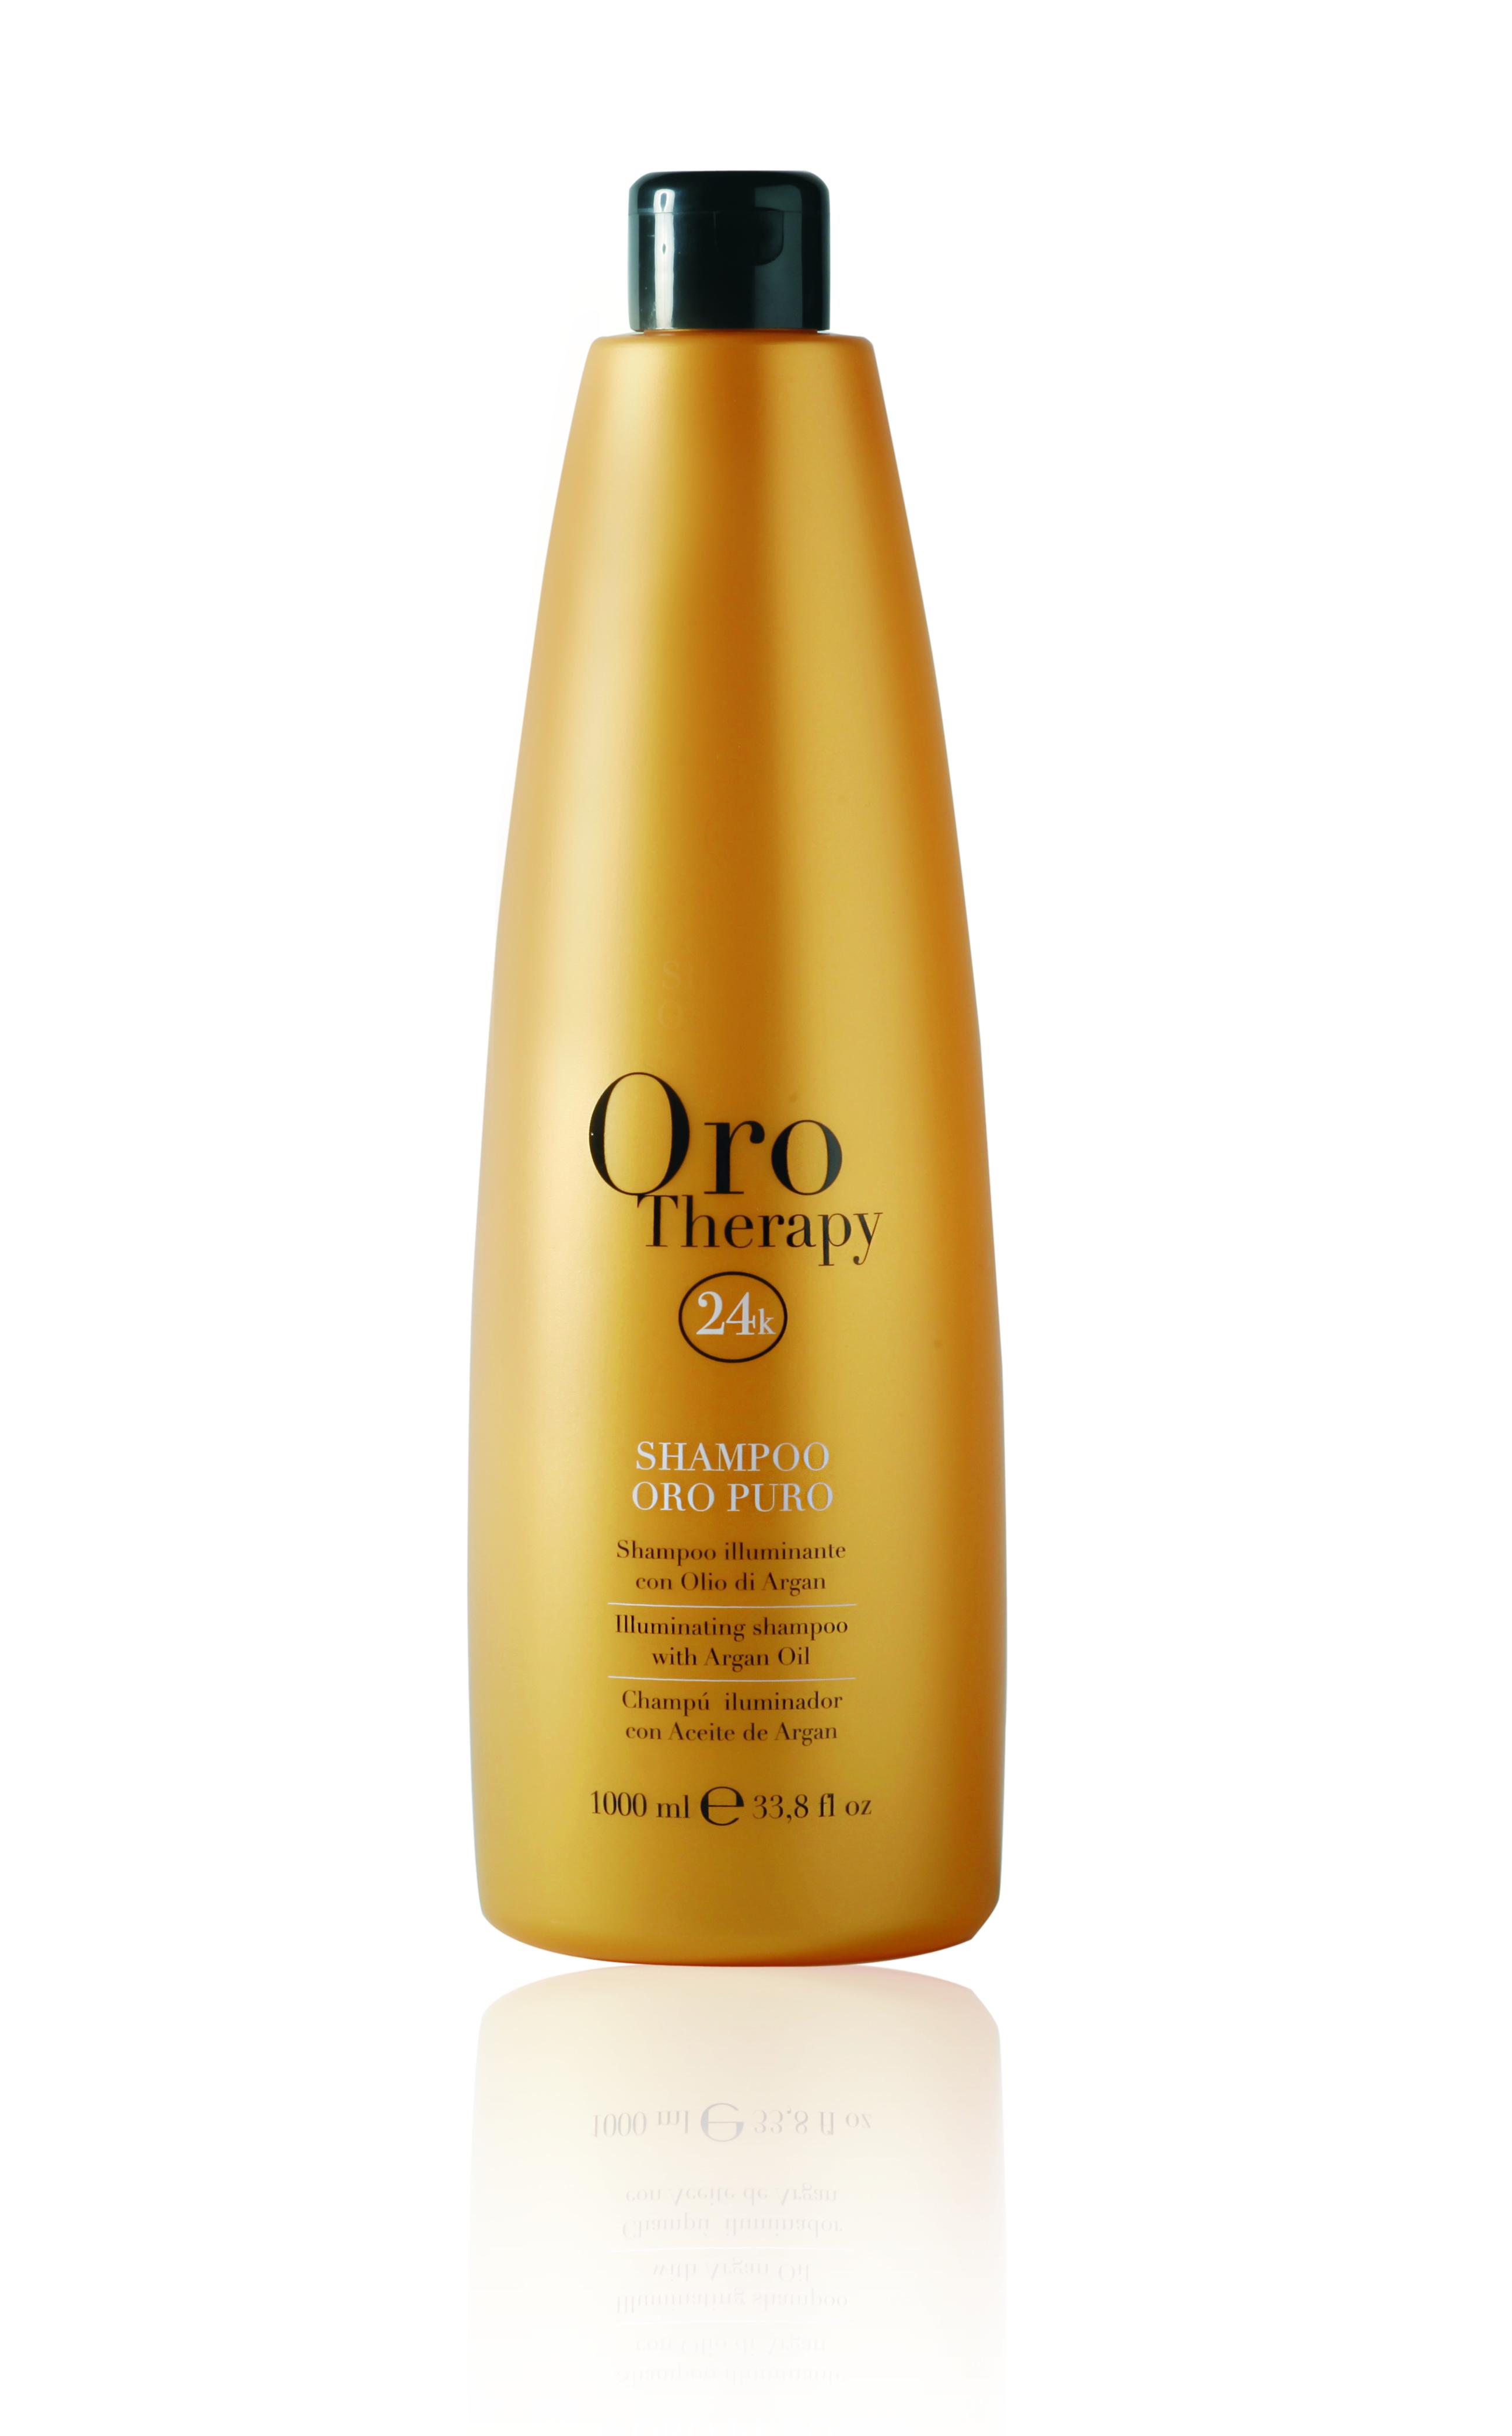 Fanola ORO PURO Therapy Shampoo 1 L